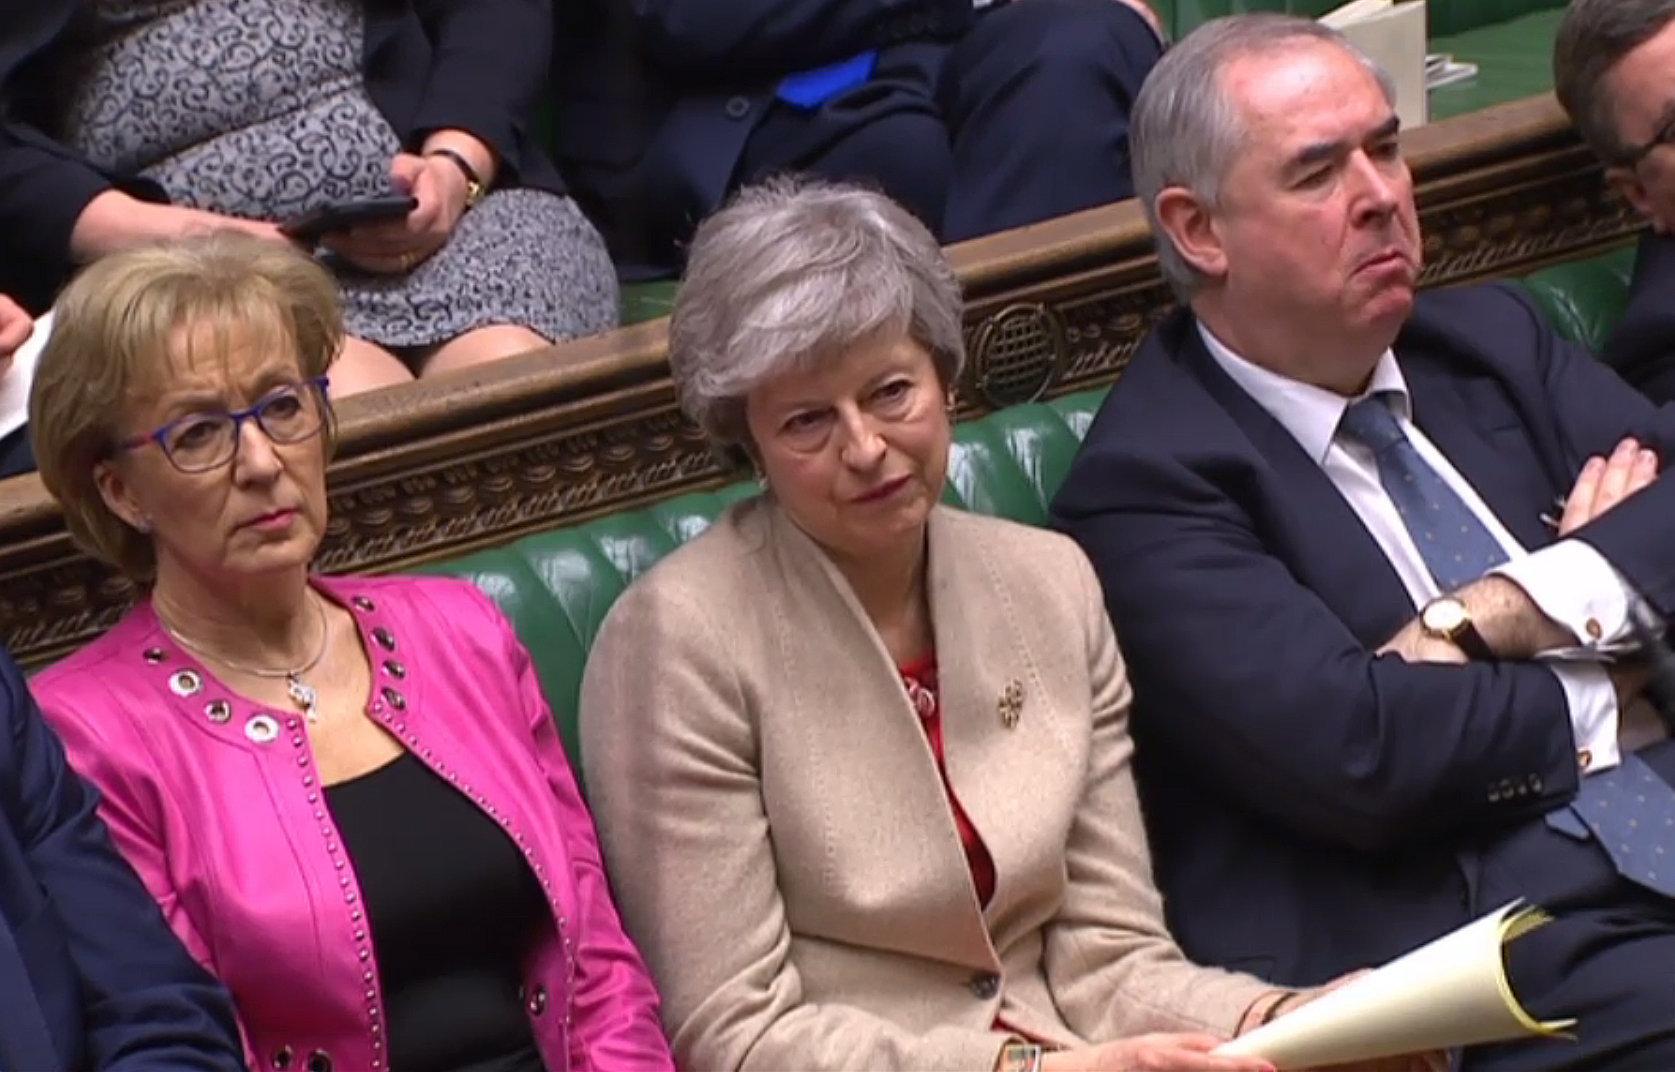 ¿Qué se vota hoy en el Parlamento británico? ¿Qué pasa si gana May? ¿Y si